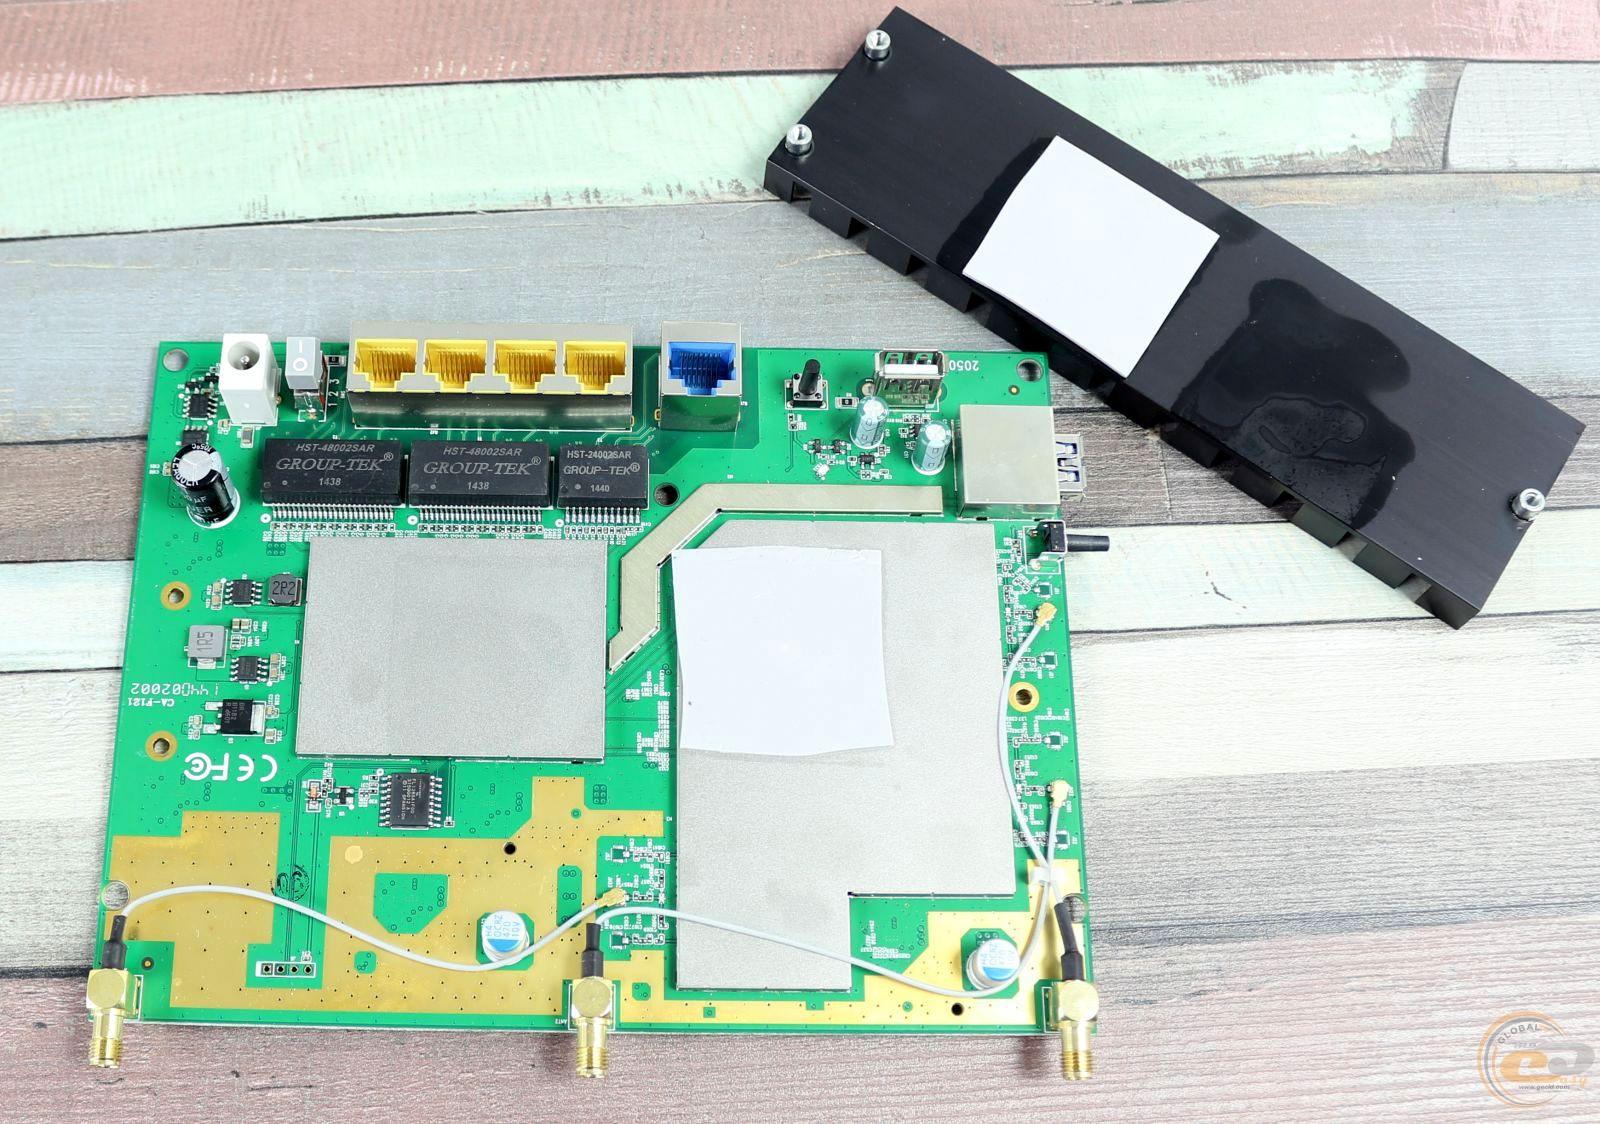 Обзор и тестирование беспроводного маршрутизатора TP-LINK